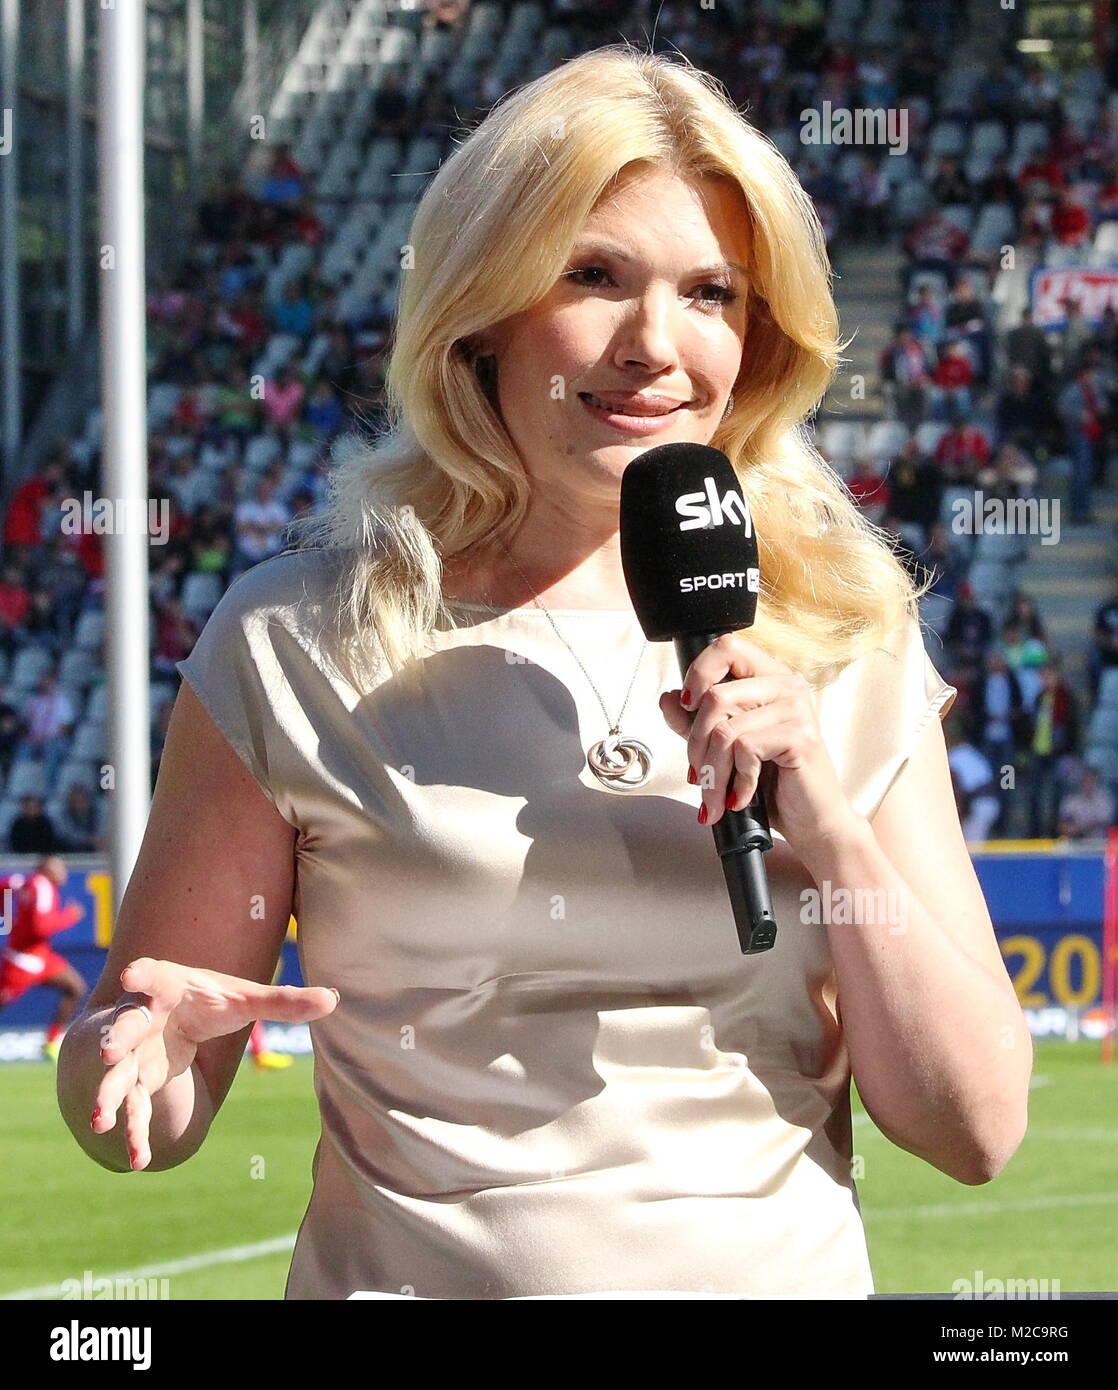 Jessica Kastrop Moderatorin Von Sky 1 Fussball